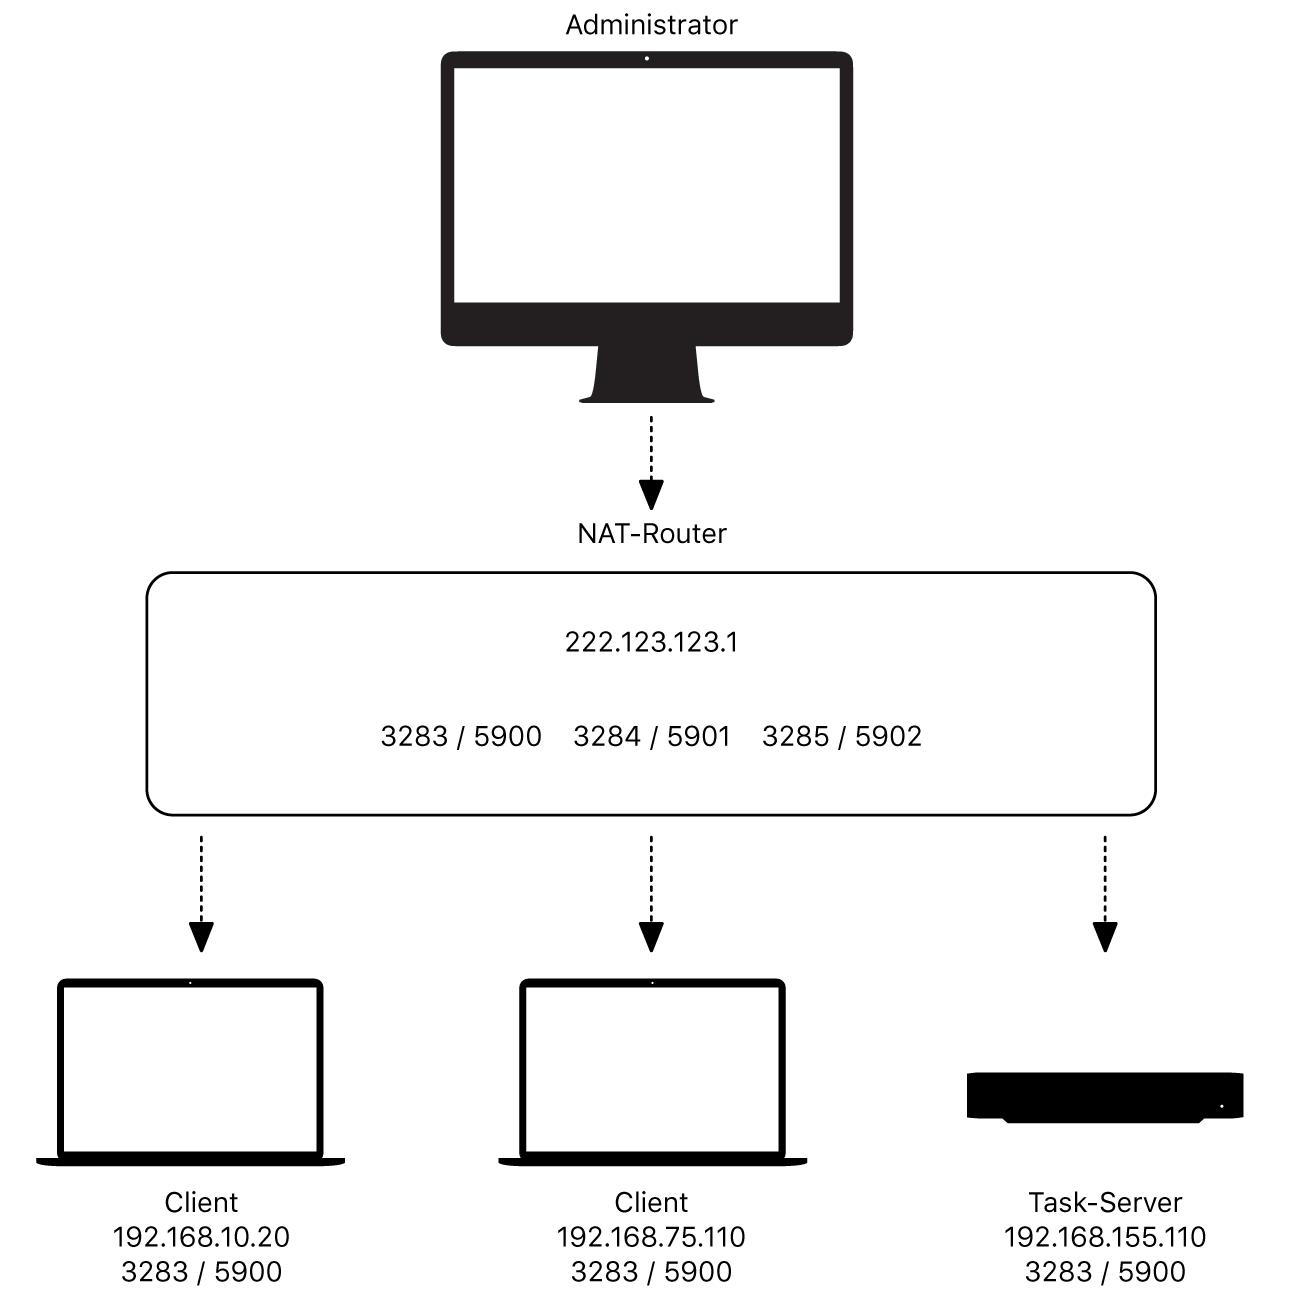 Beispieldiagramm für NAT-Router